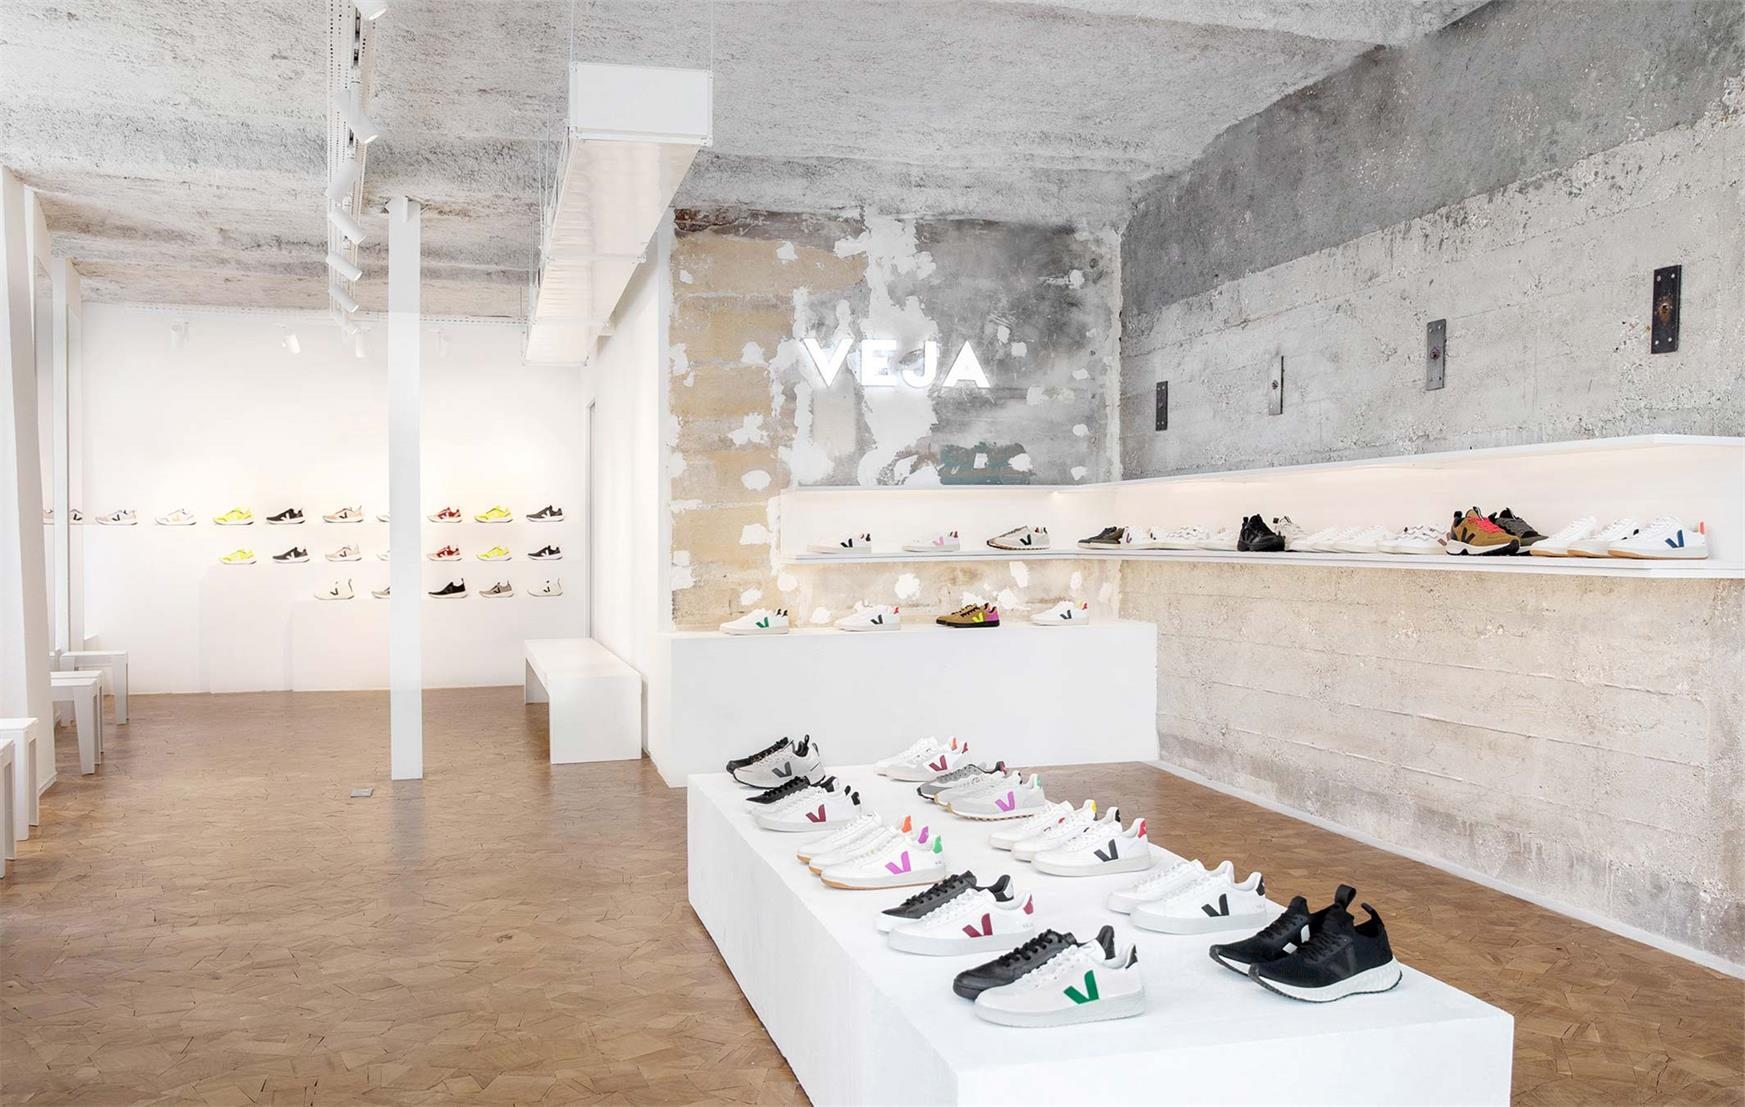 鞋店设计,运动品牌鞋店设计,专卖店设计,极简鞋店设计,商业空间设计,旗舰店设计,精品店设计,买手店设计,鞋店设计图片,鞋店设计方案